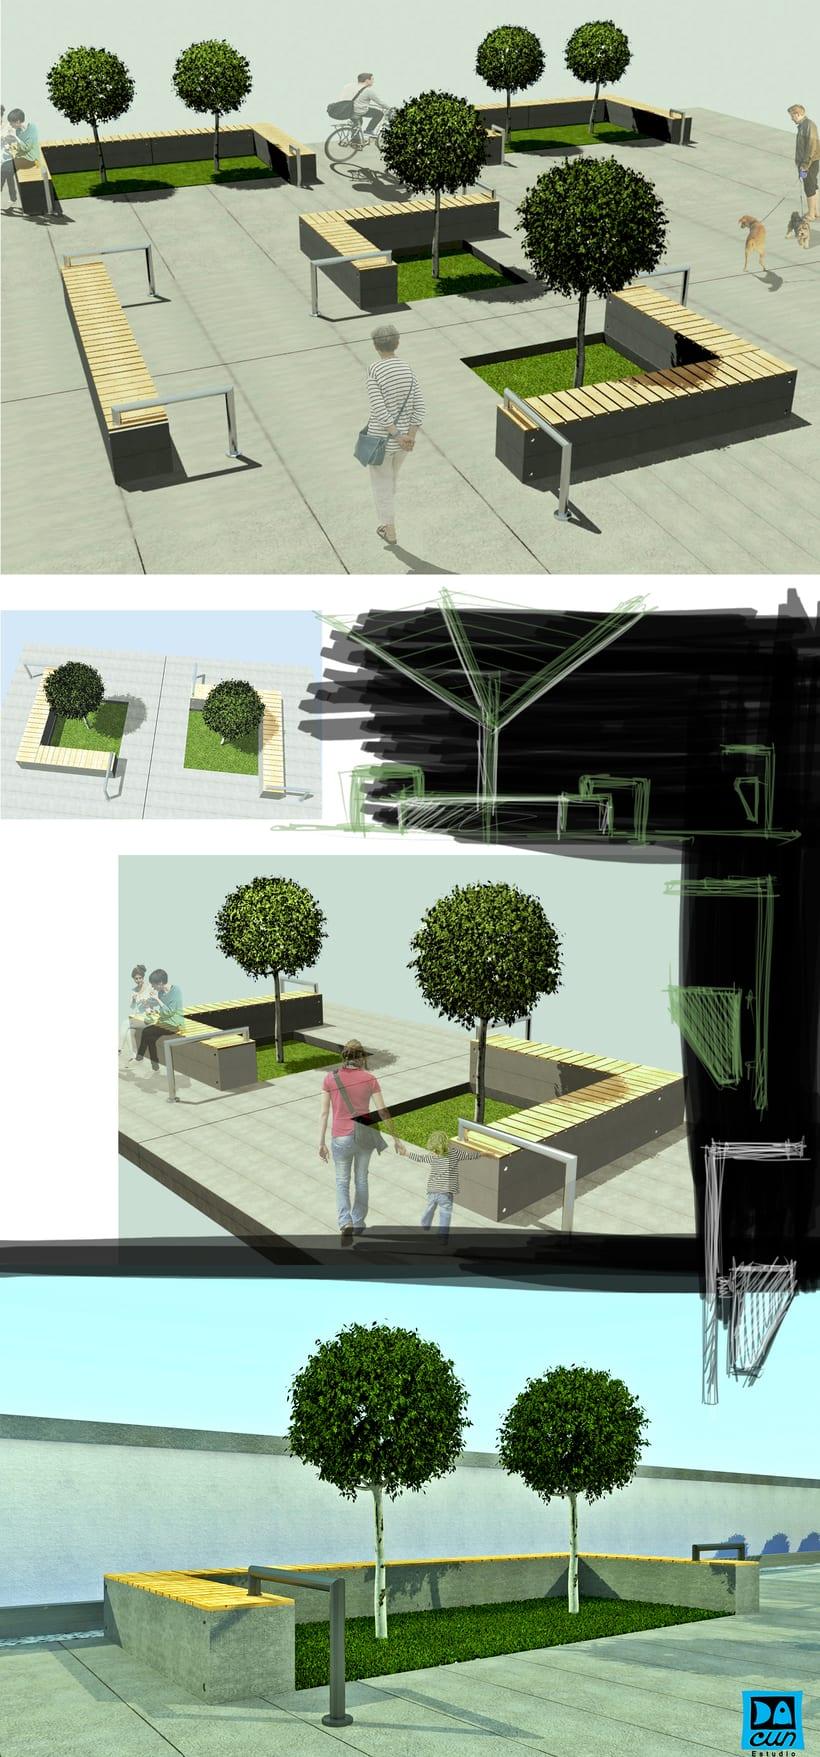 Proyecto de Urbanización Industrial  12